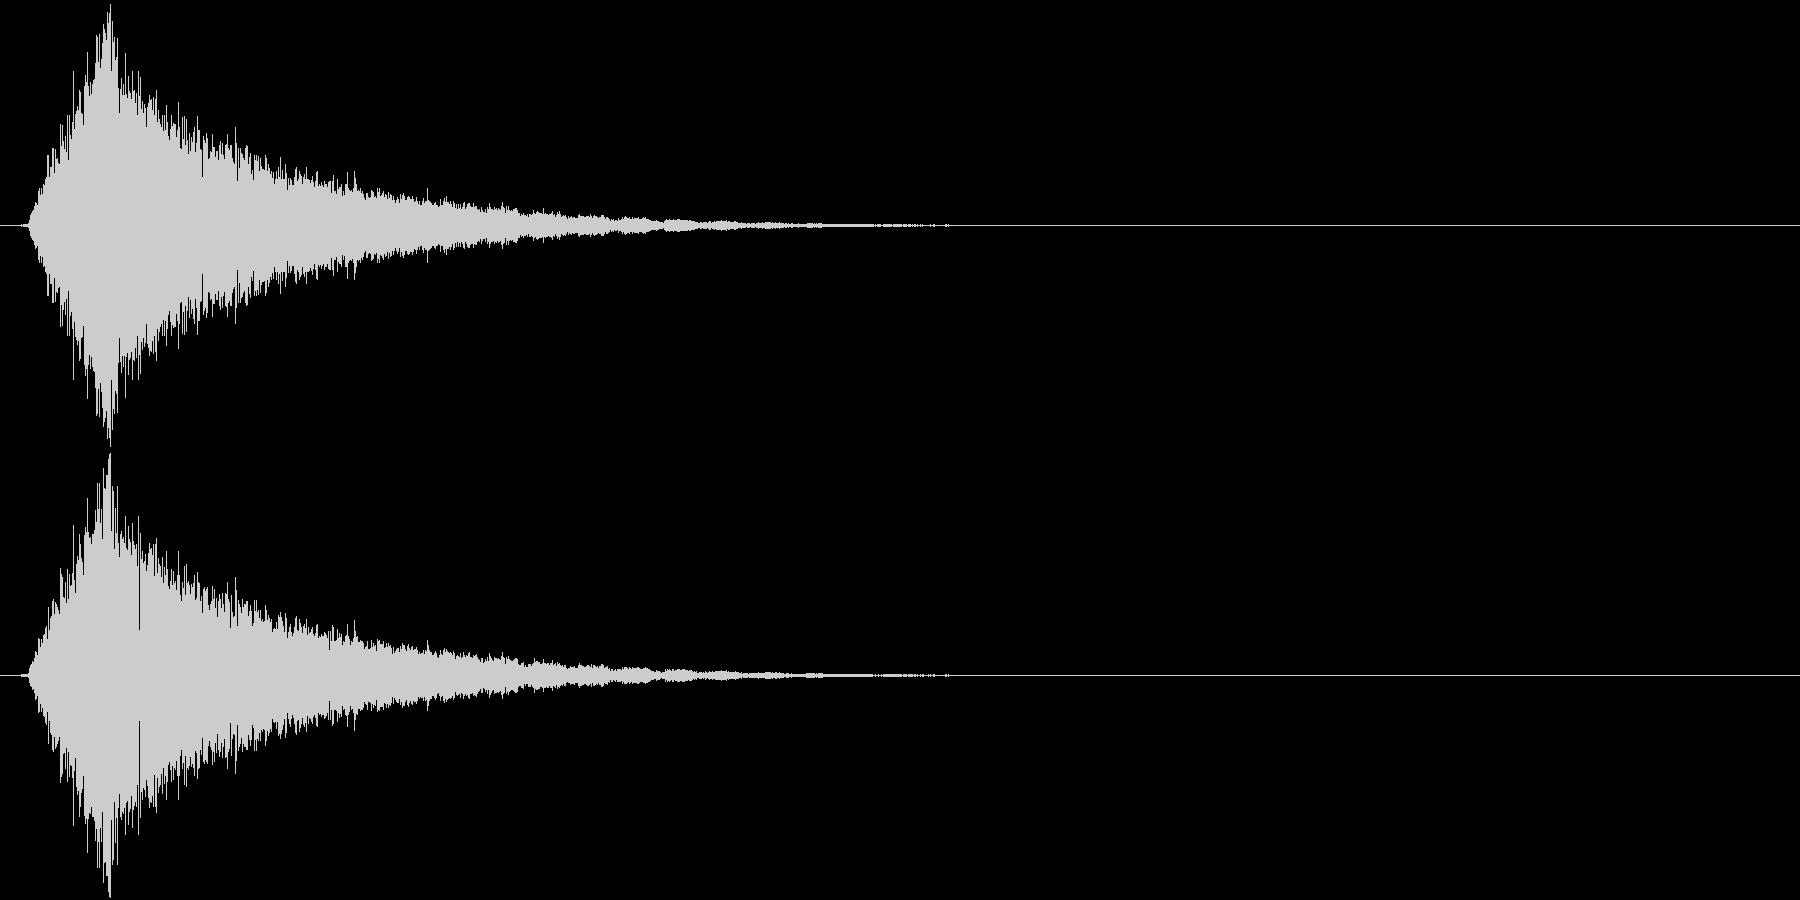 グギュルル…(変化、毒、実験)の未再生の波形